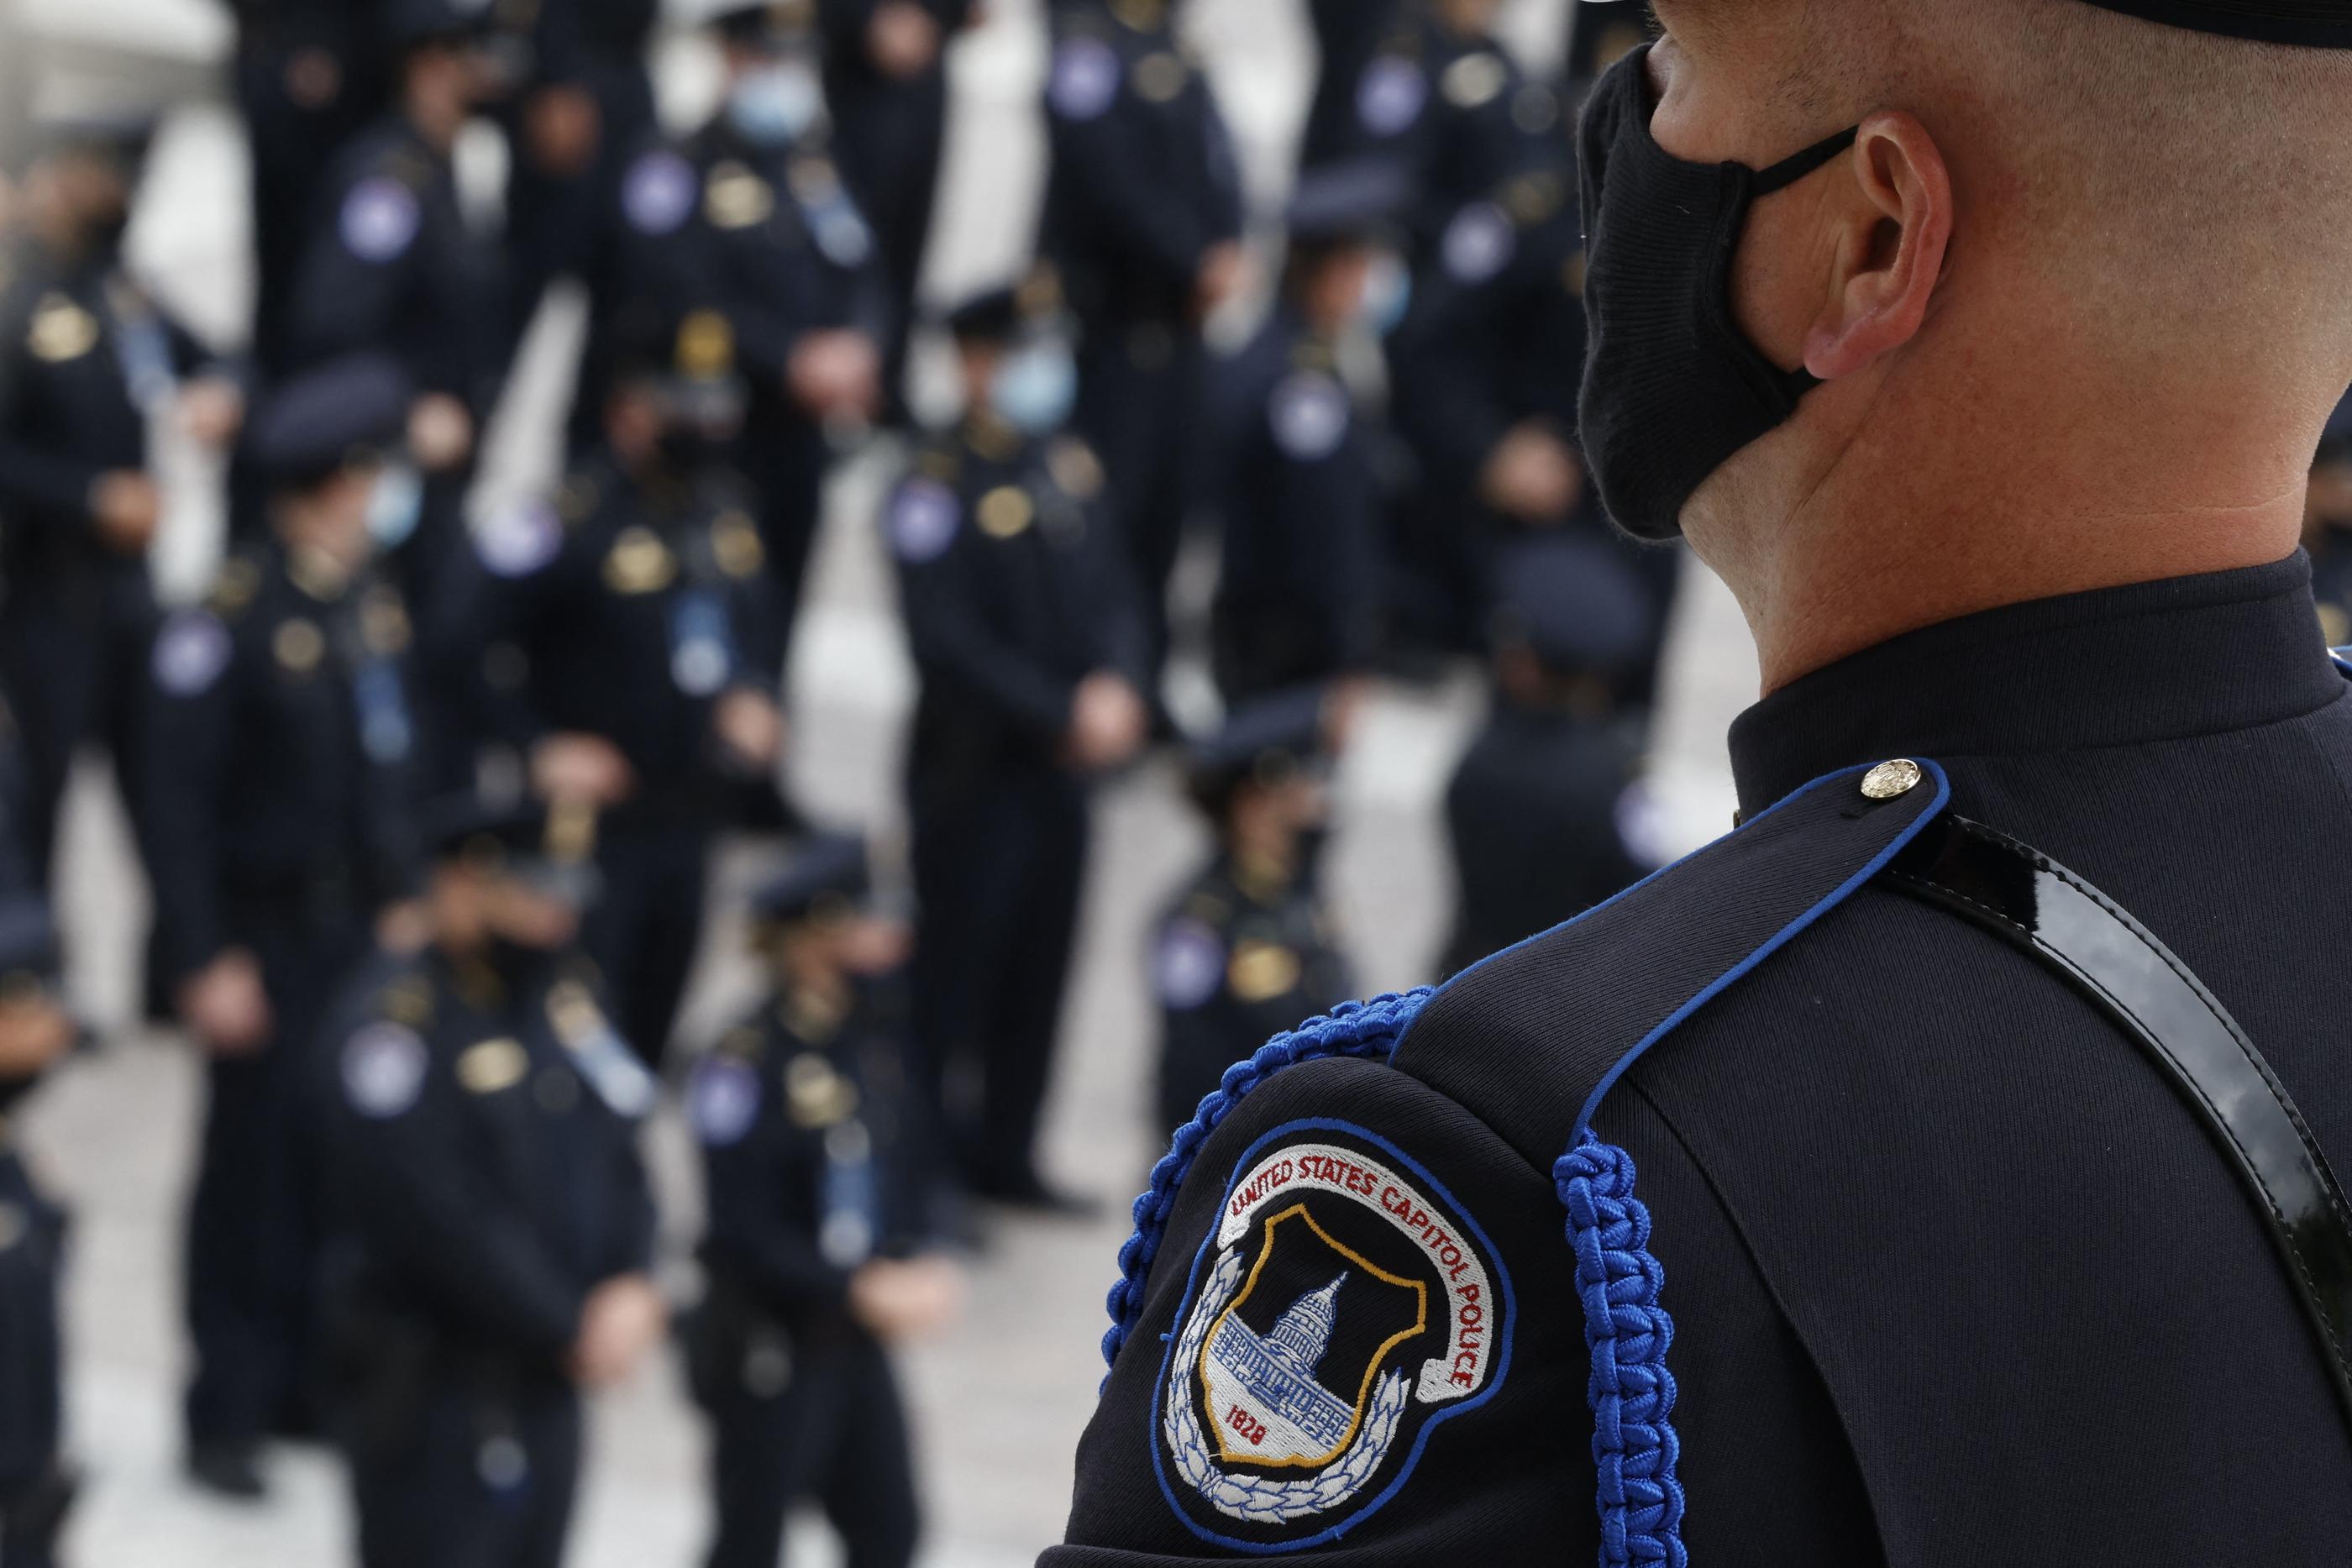 Etats-Unis : au moins 8 morts dans une fusillade à Indianapolis